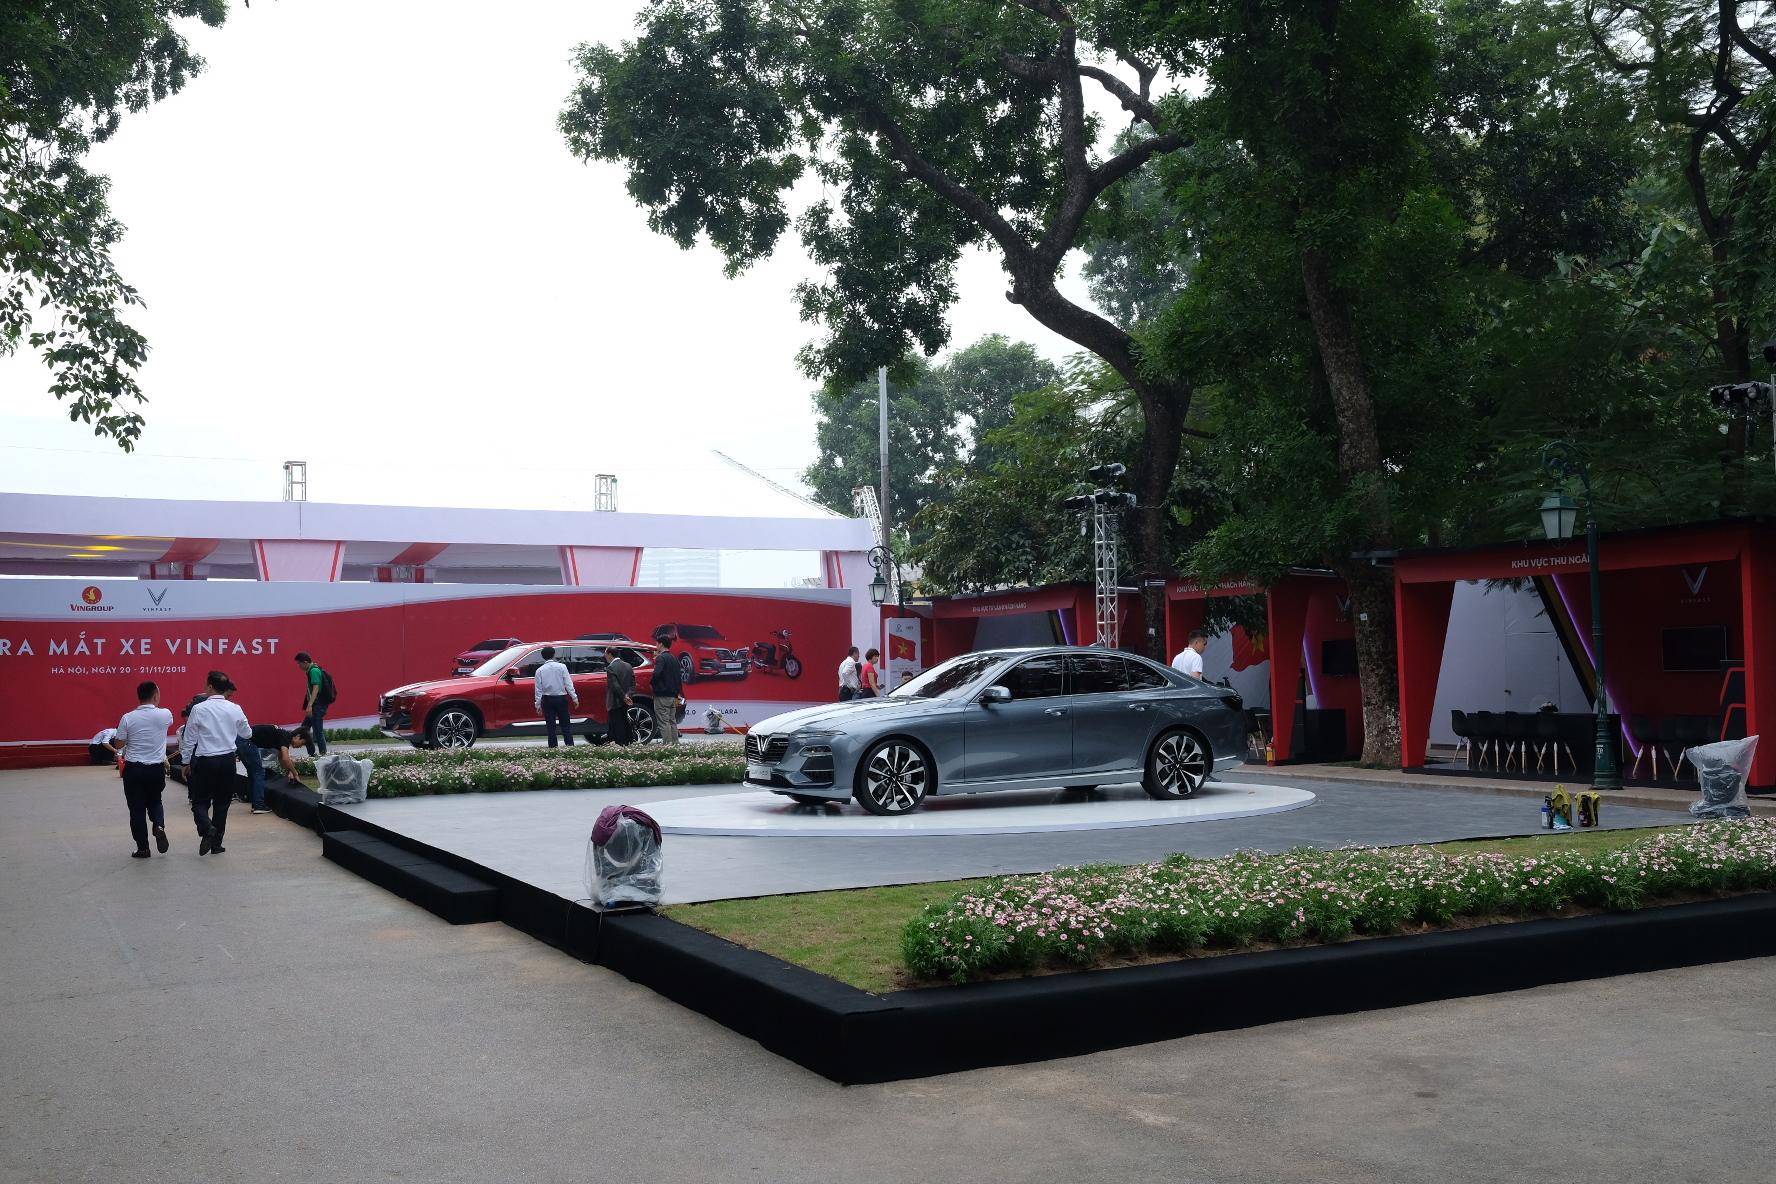 Những hình ảnh mới nhất của ô tô Vinfast chuẩn bị lễ ra mắt tại Hà Nội 22